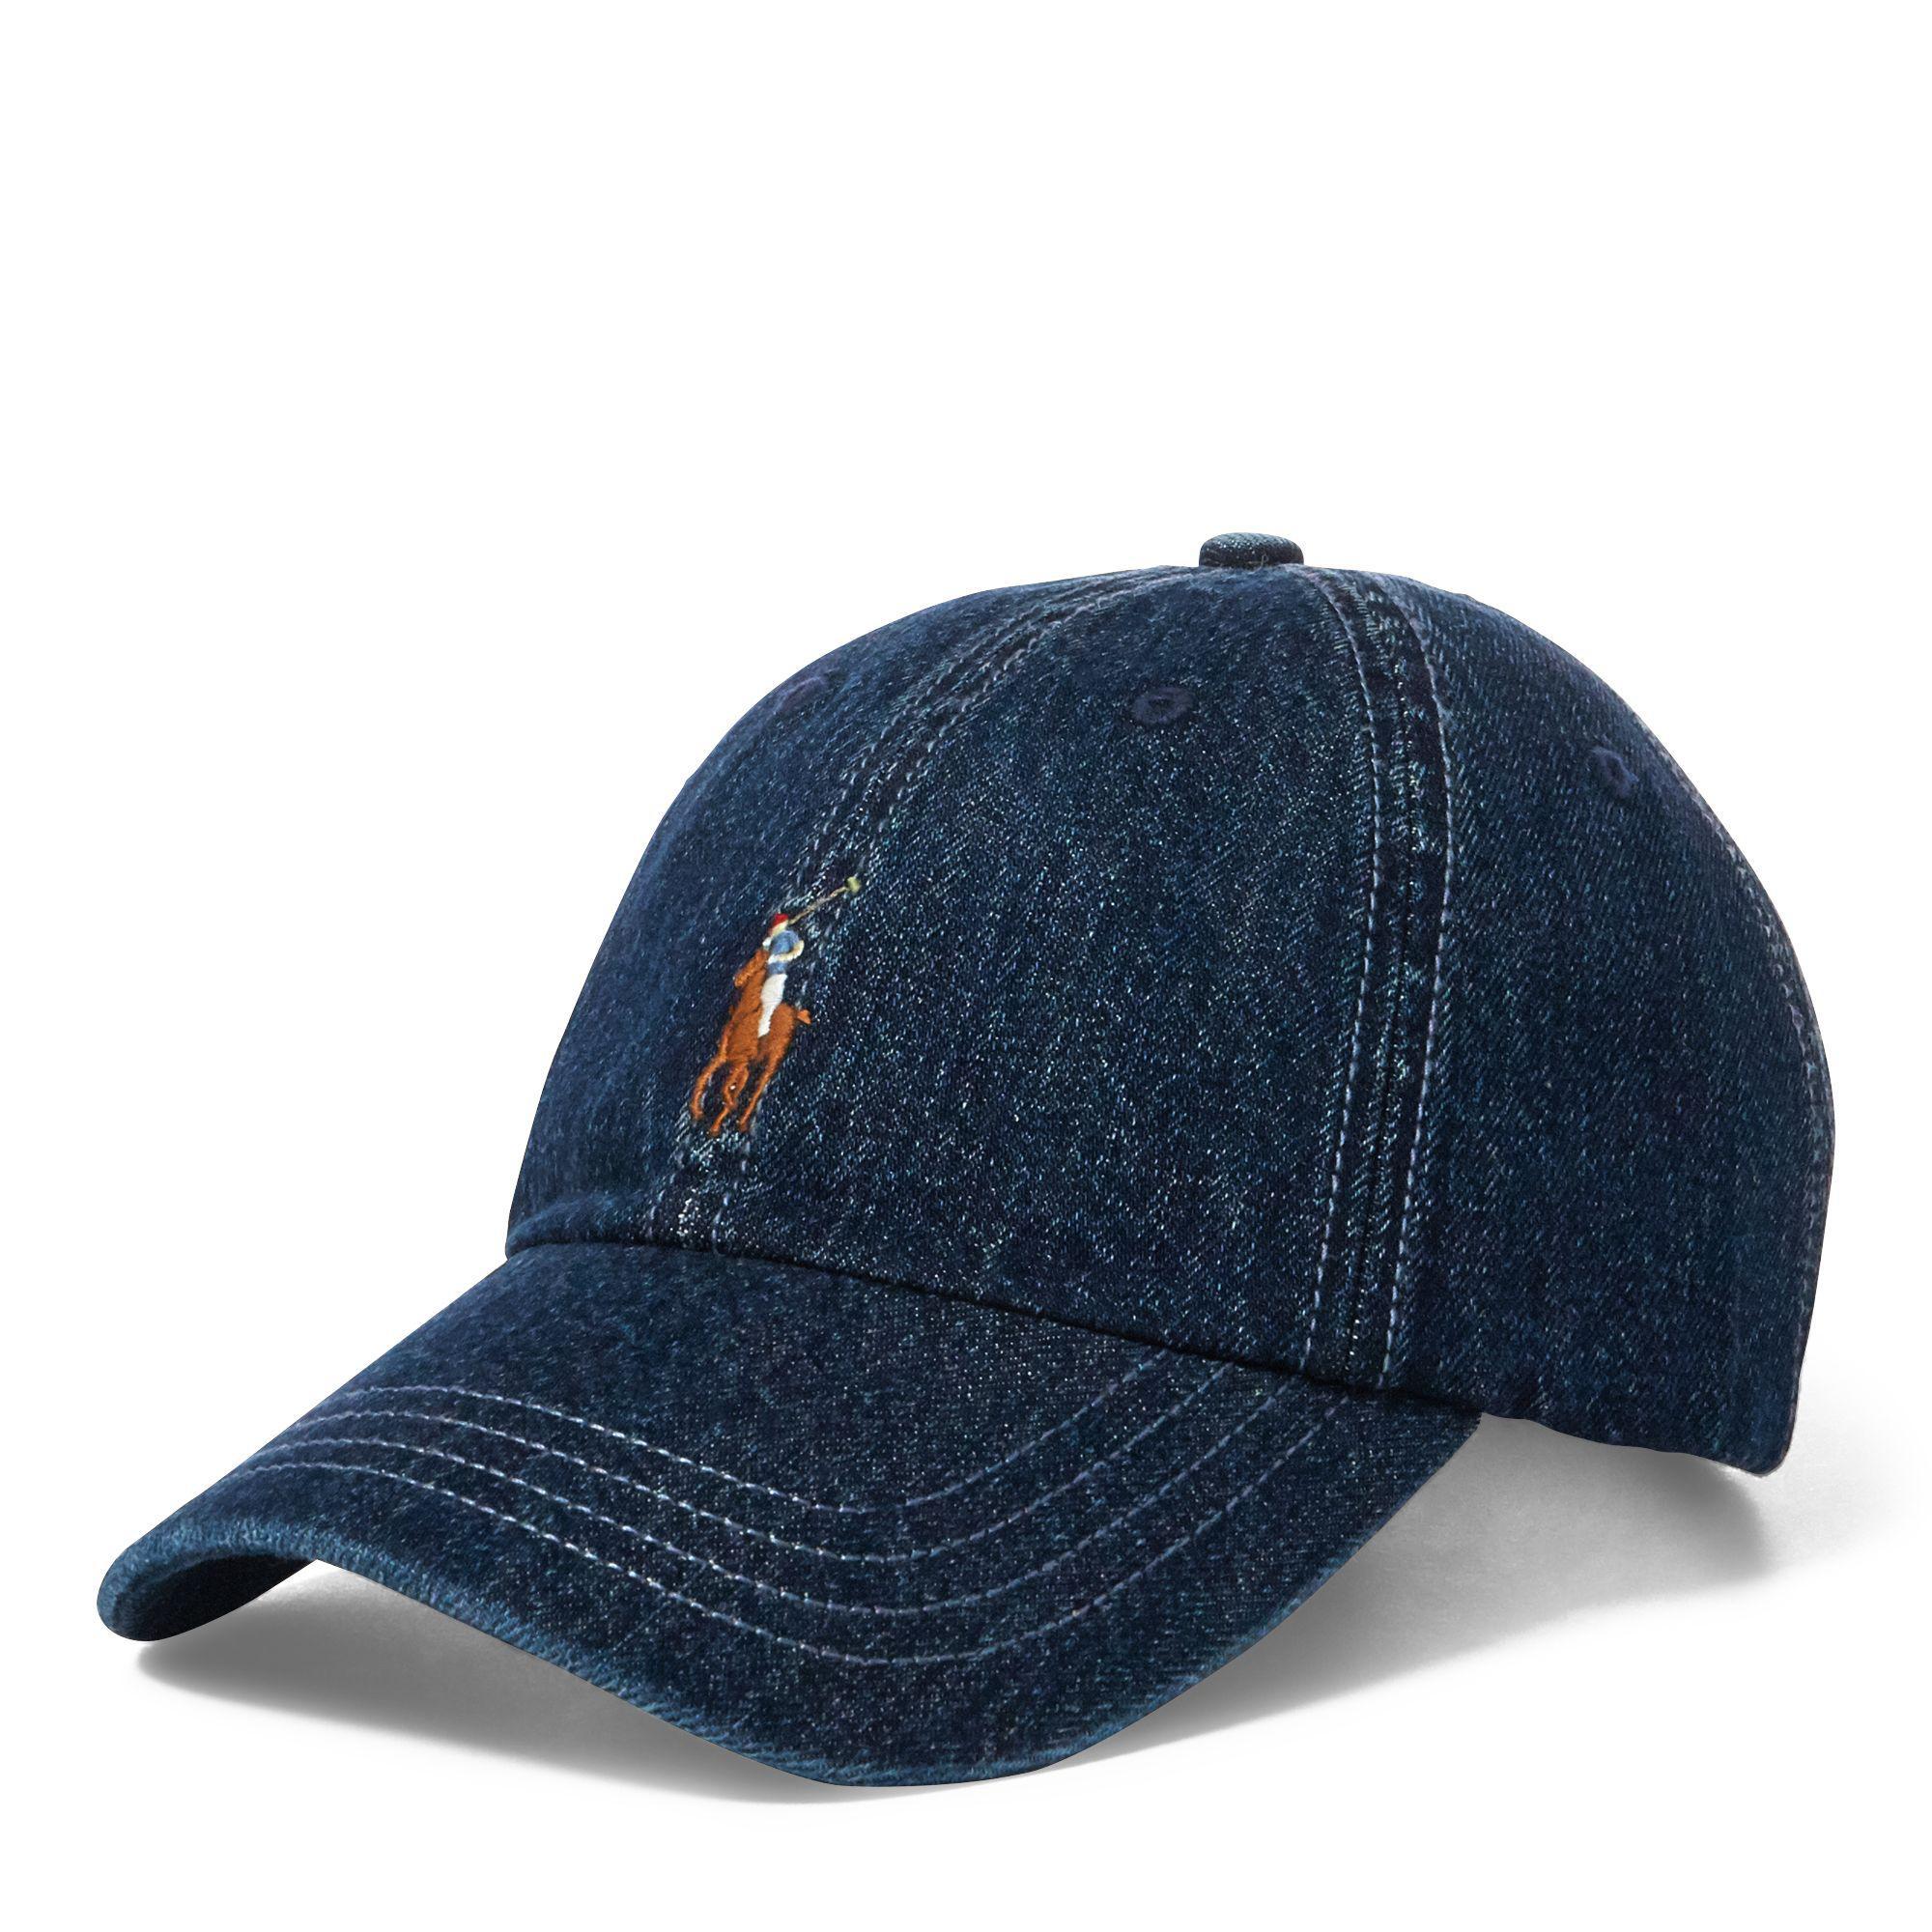 7330a3b32d86d Polo Ralph Lauren Denim Baseball Cap in Blue for Men - Save 22% - Lyst